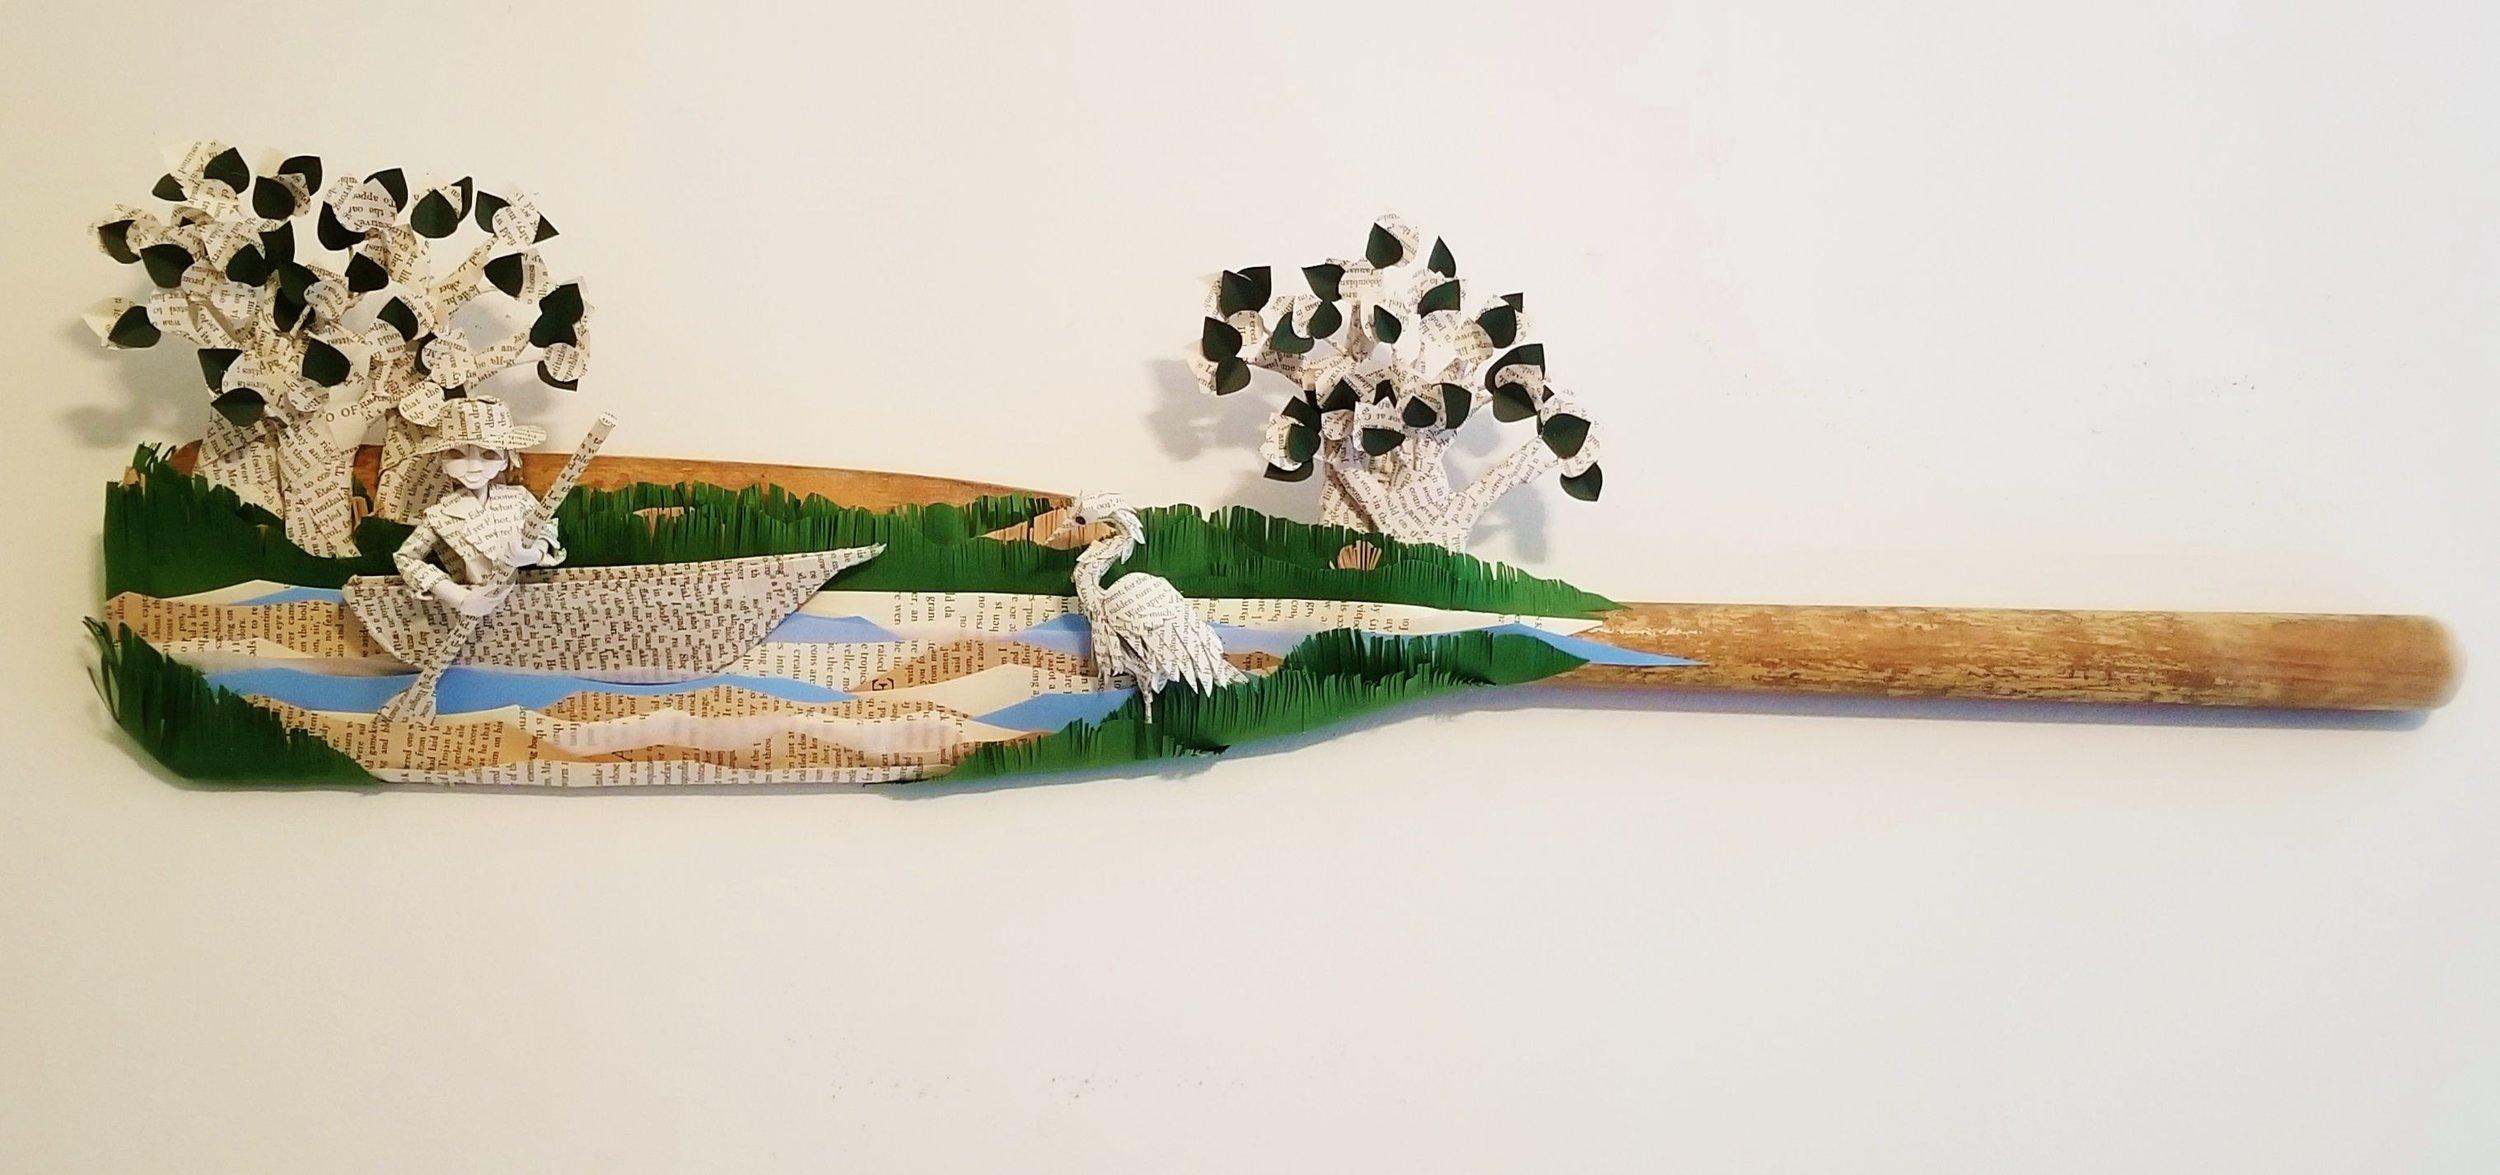 Jodi_Harvey Susquehanna Canoe.jpg:Users:Kieran:Desktop:Phila Sculptors:Oars for Art:Jodi_Harvey Susquehanna Canoe.jpg